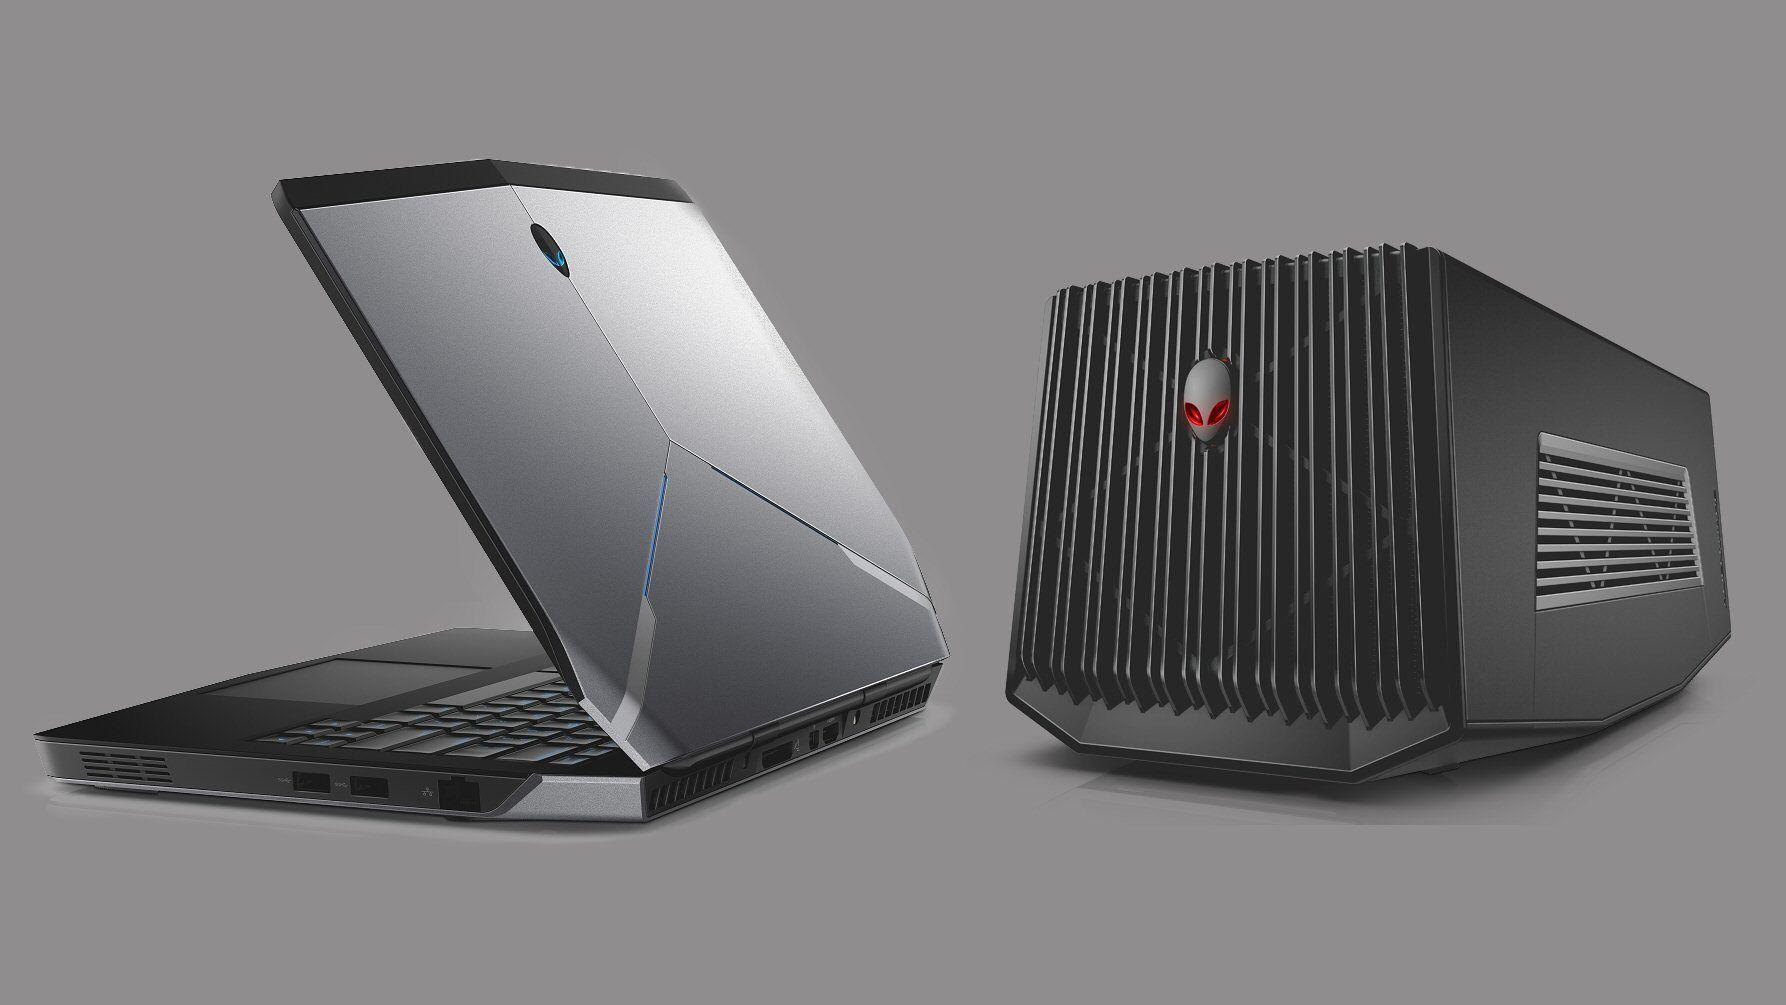 Ekstern grafikkforsterker gir laptopen superkrefter